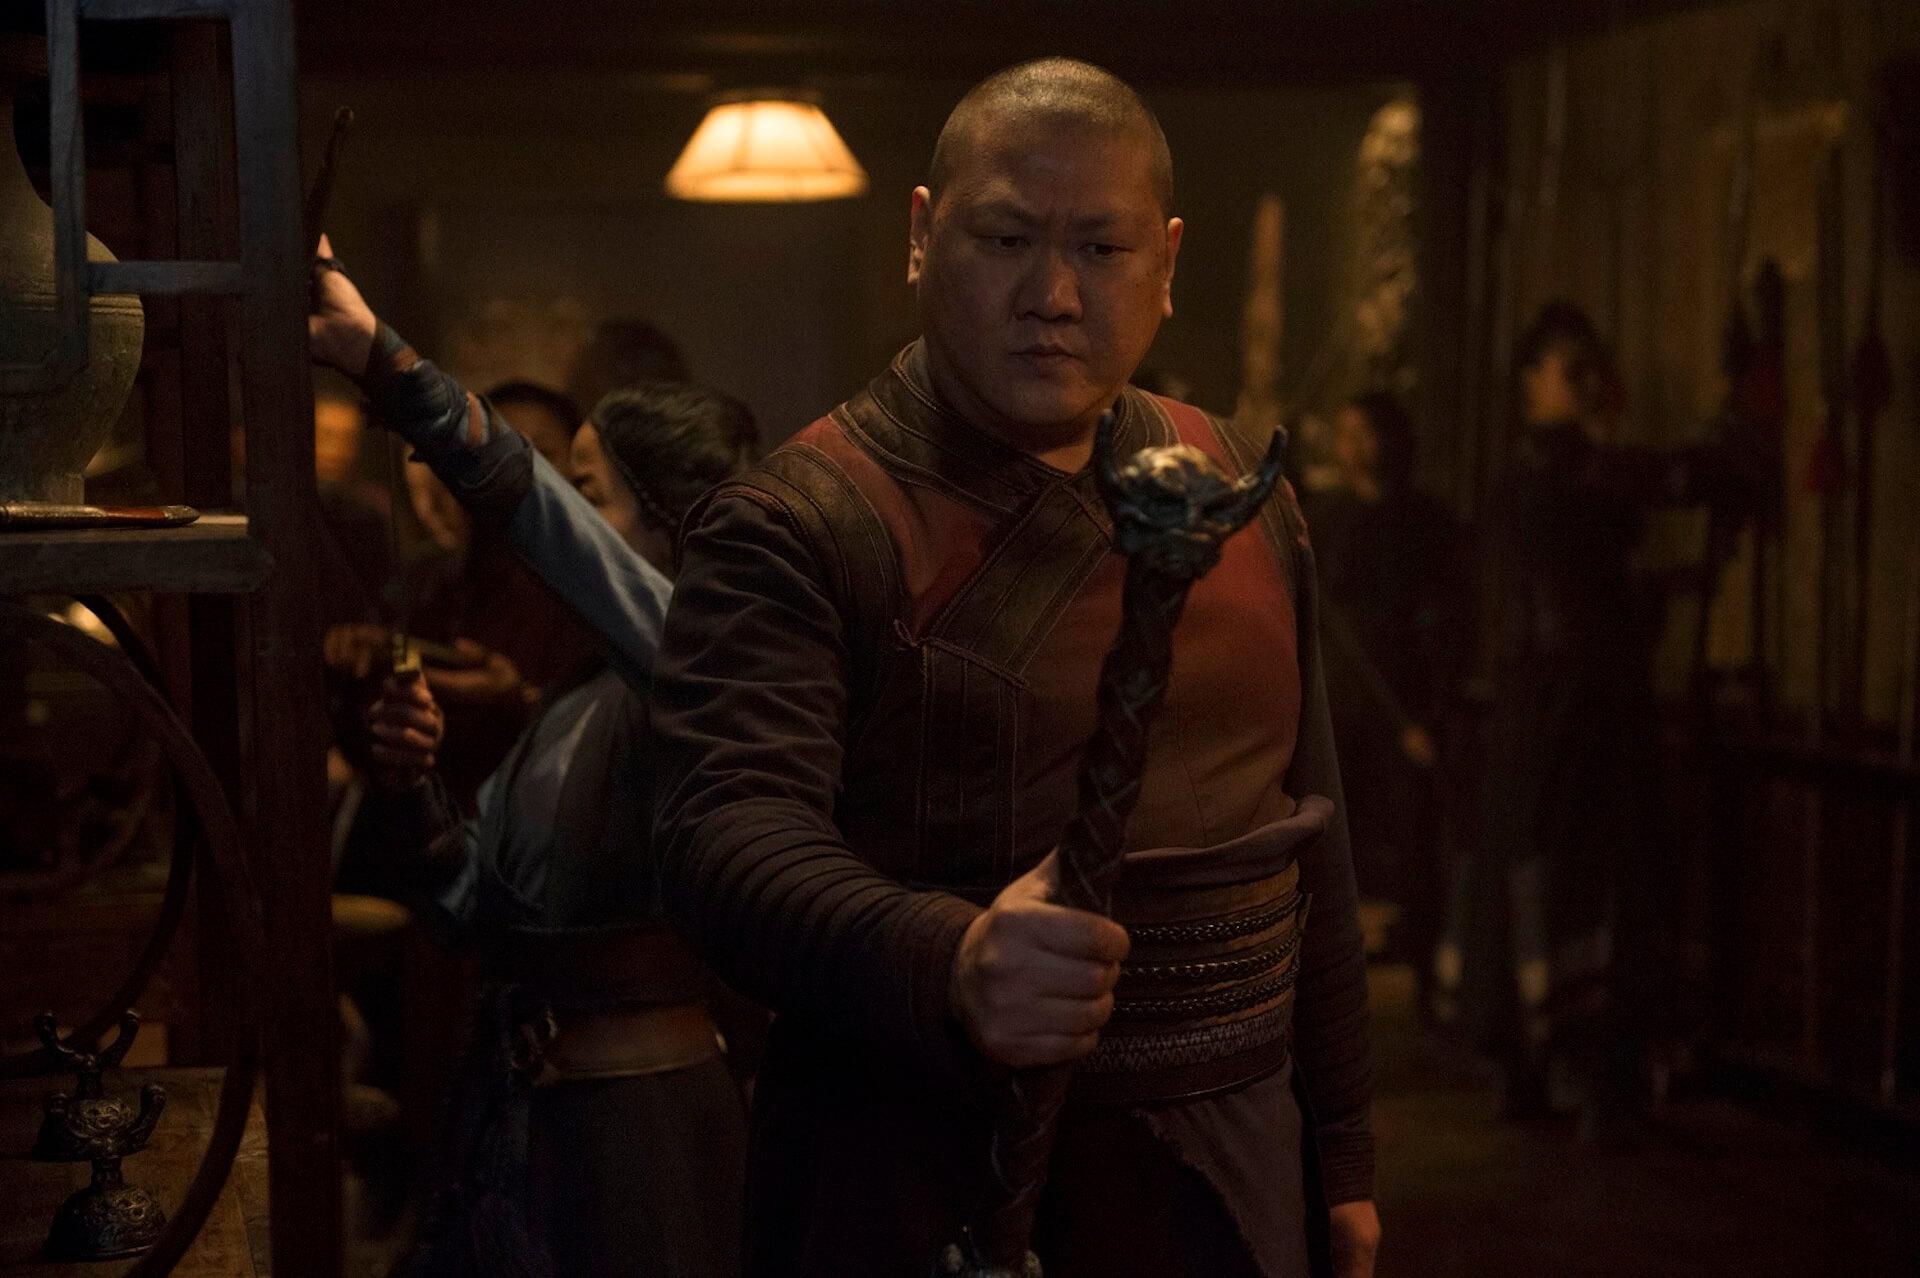 『ドクター・ストレンジ』にも登場するウォンが『シャン・チー/テン・リングスの伝説』で活躍する!?予告編にも登場 film210902_shang_chi_4